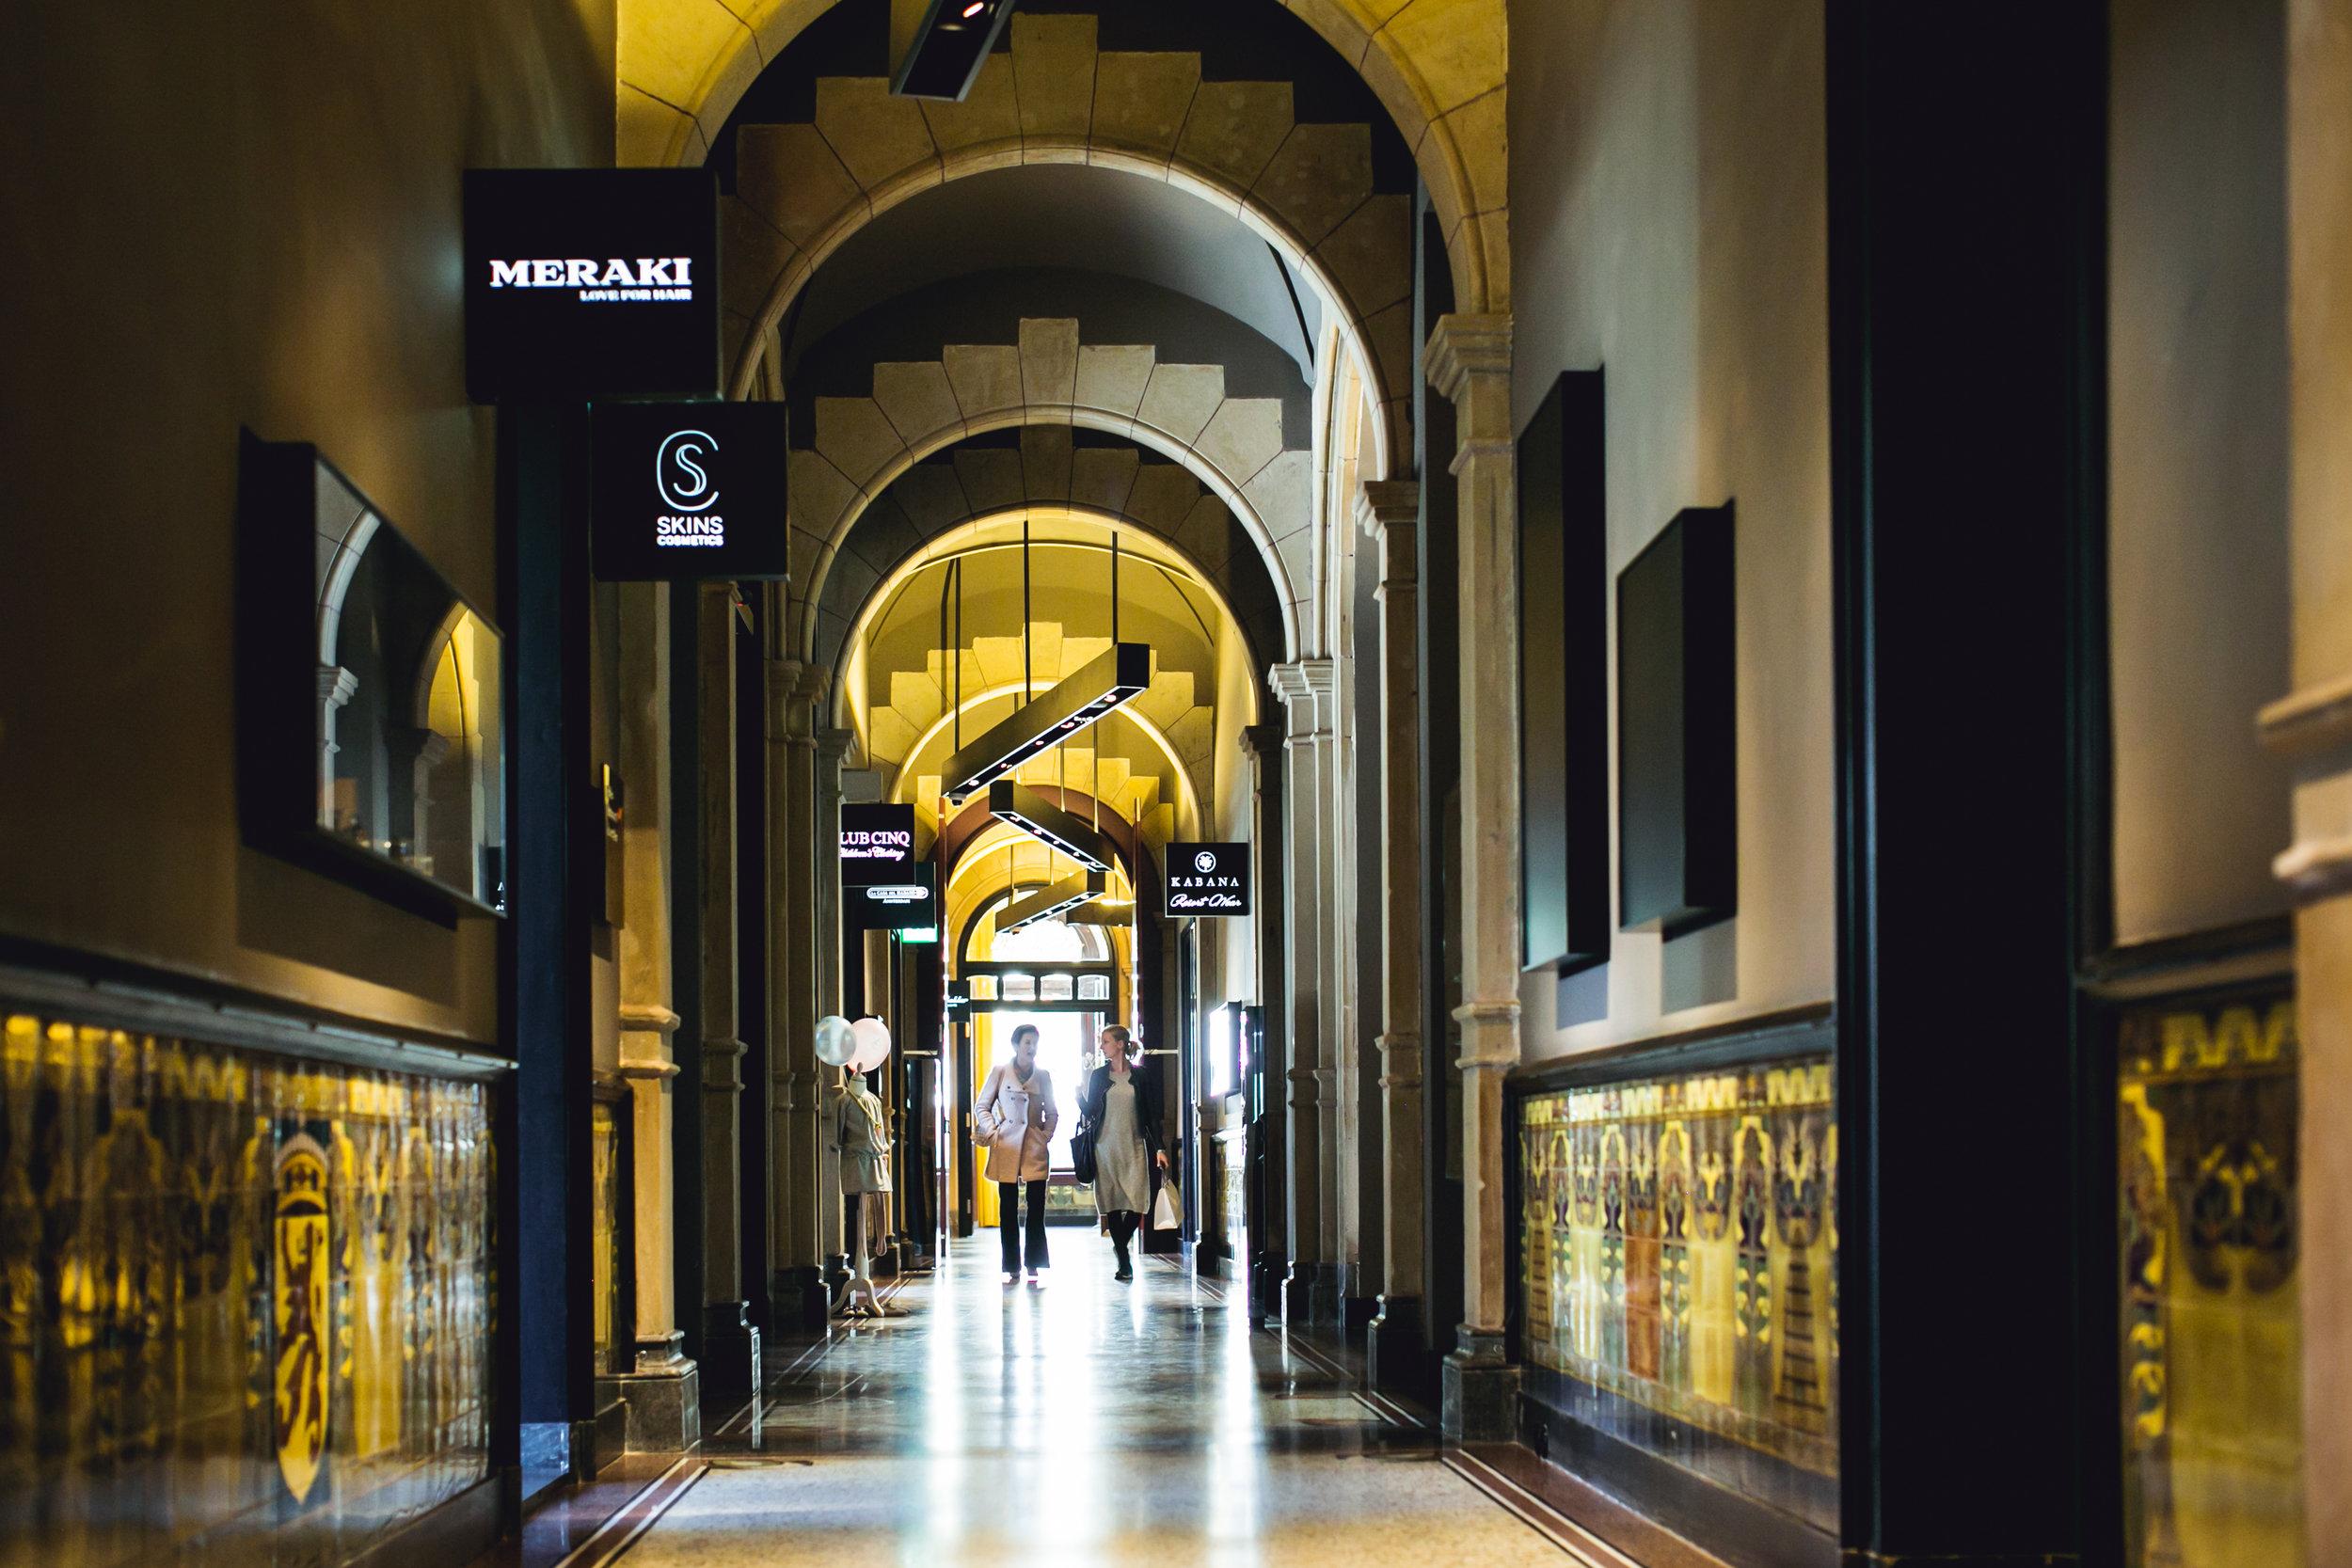 Van Baerle shopping gallery